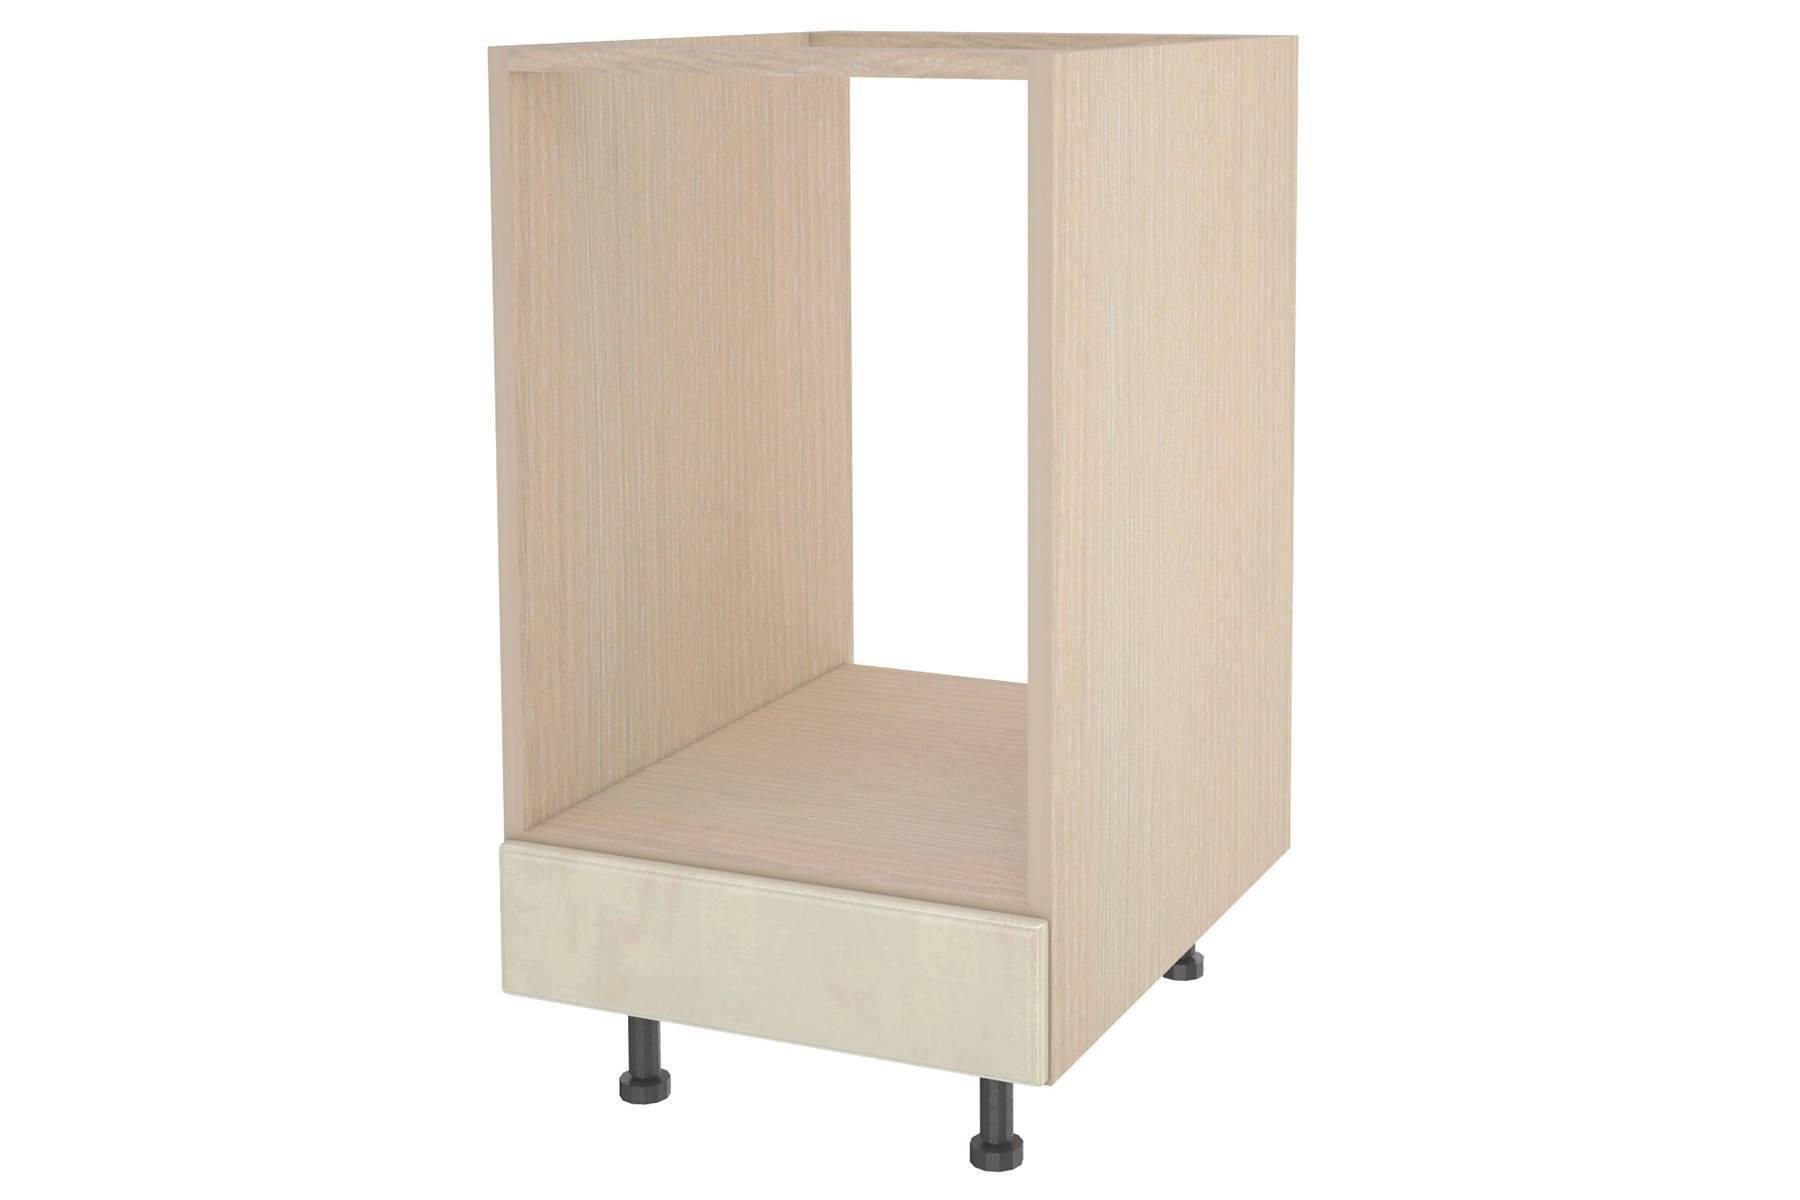 диван книжка без подлокотников купить недорого в москве